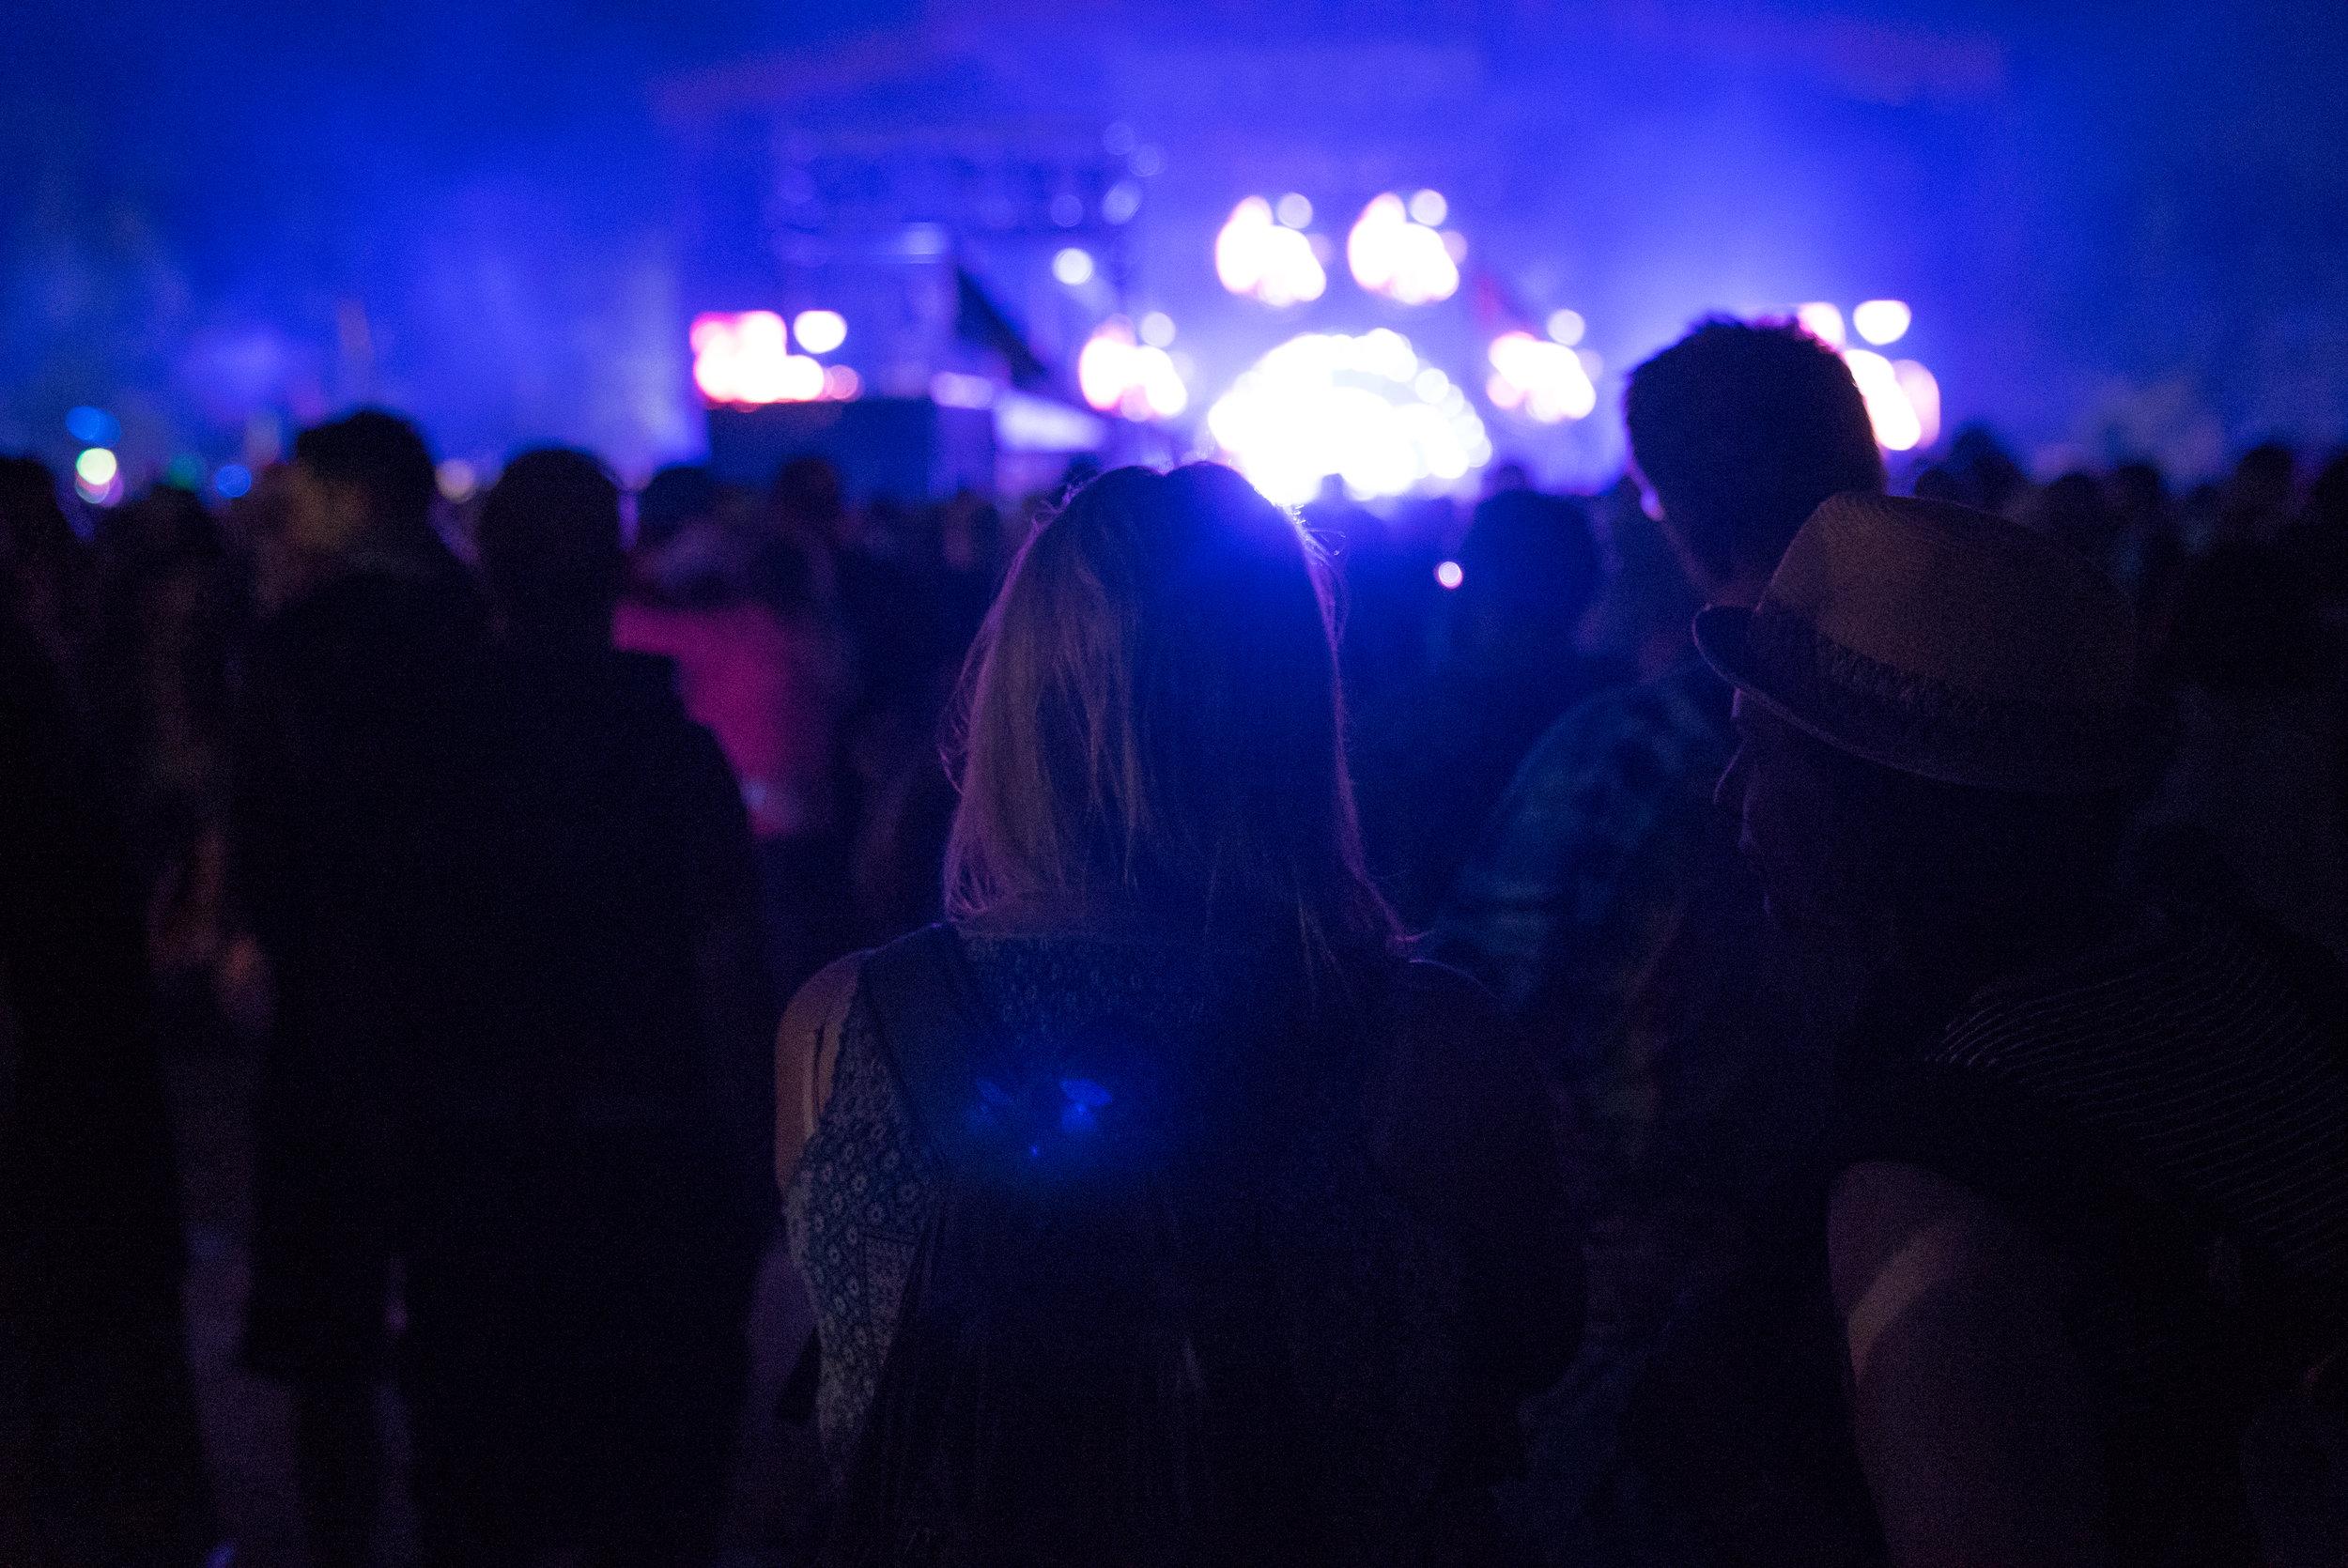 concertlights (1 of 1).jpg